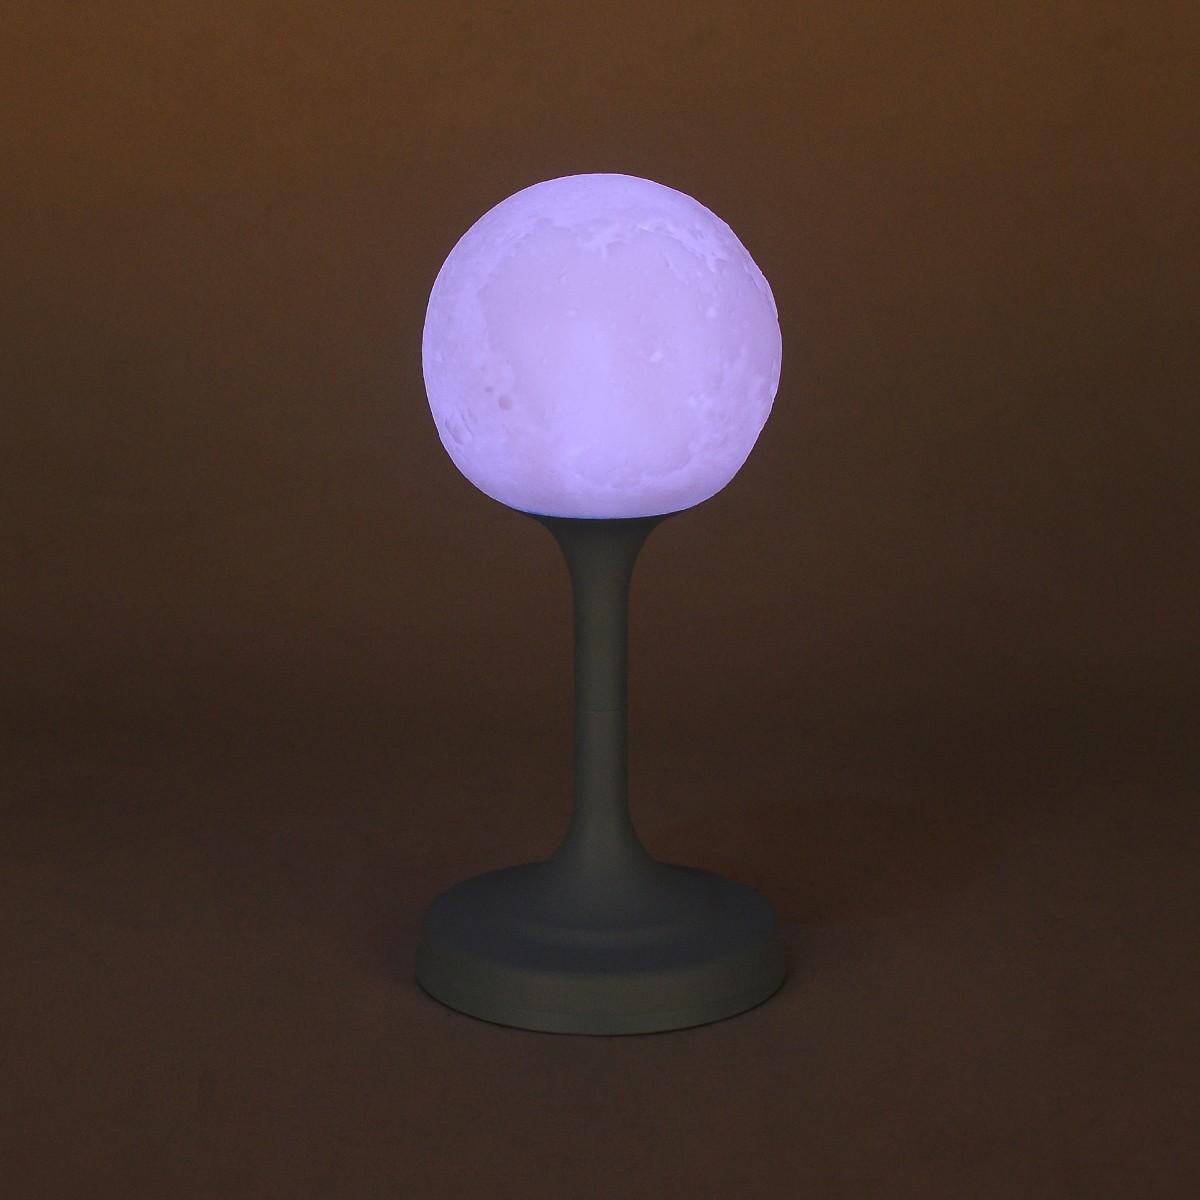 LED Mond Lampe Mondlicht mit Touch Sensor USB Wiederaufladbar als Deko   365buy.ch